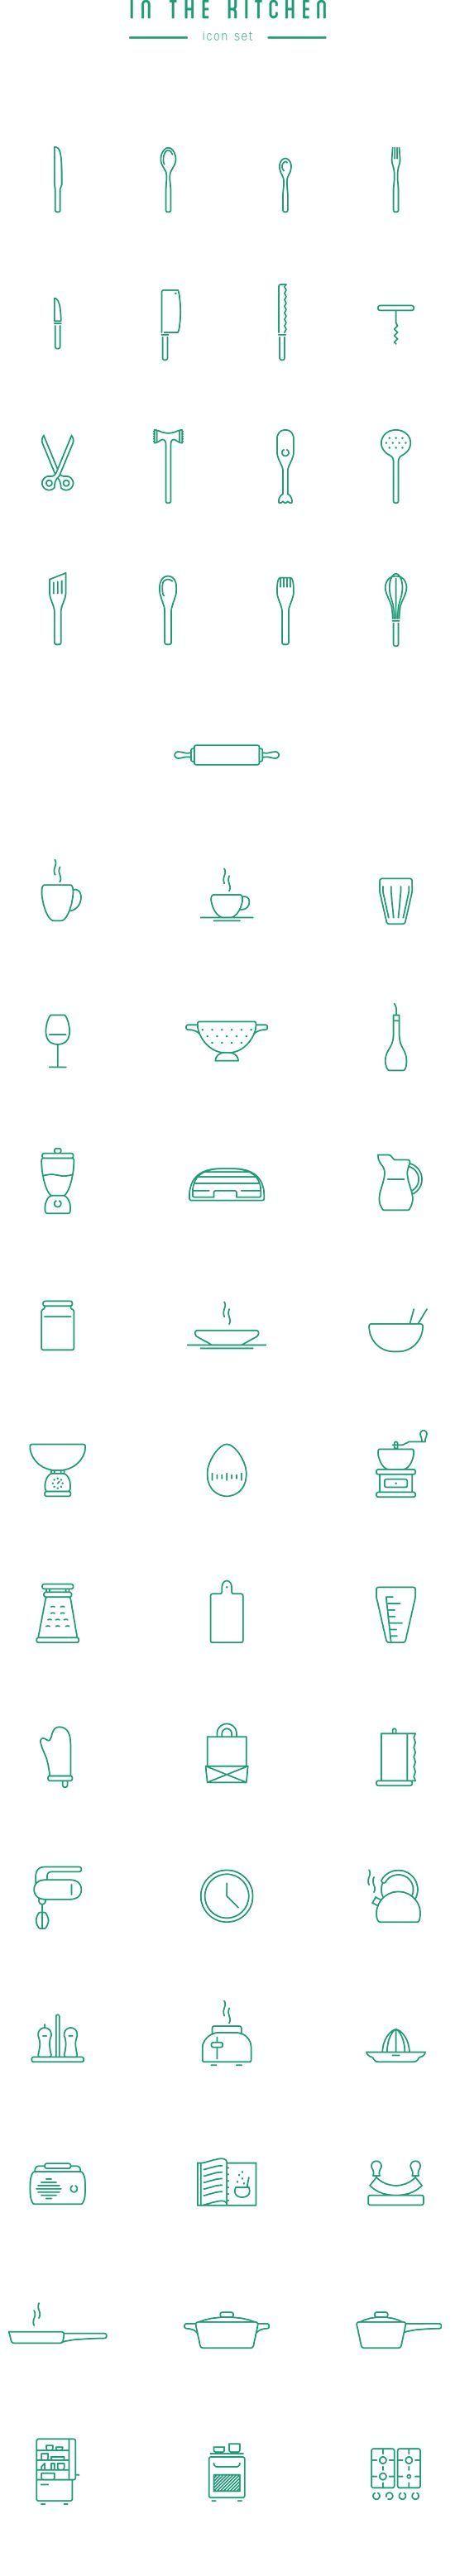 15 packs d'icons spécialisés par domaine à télécharger gratuitement   Blog du Webdesign